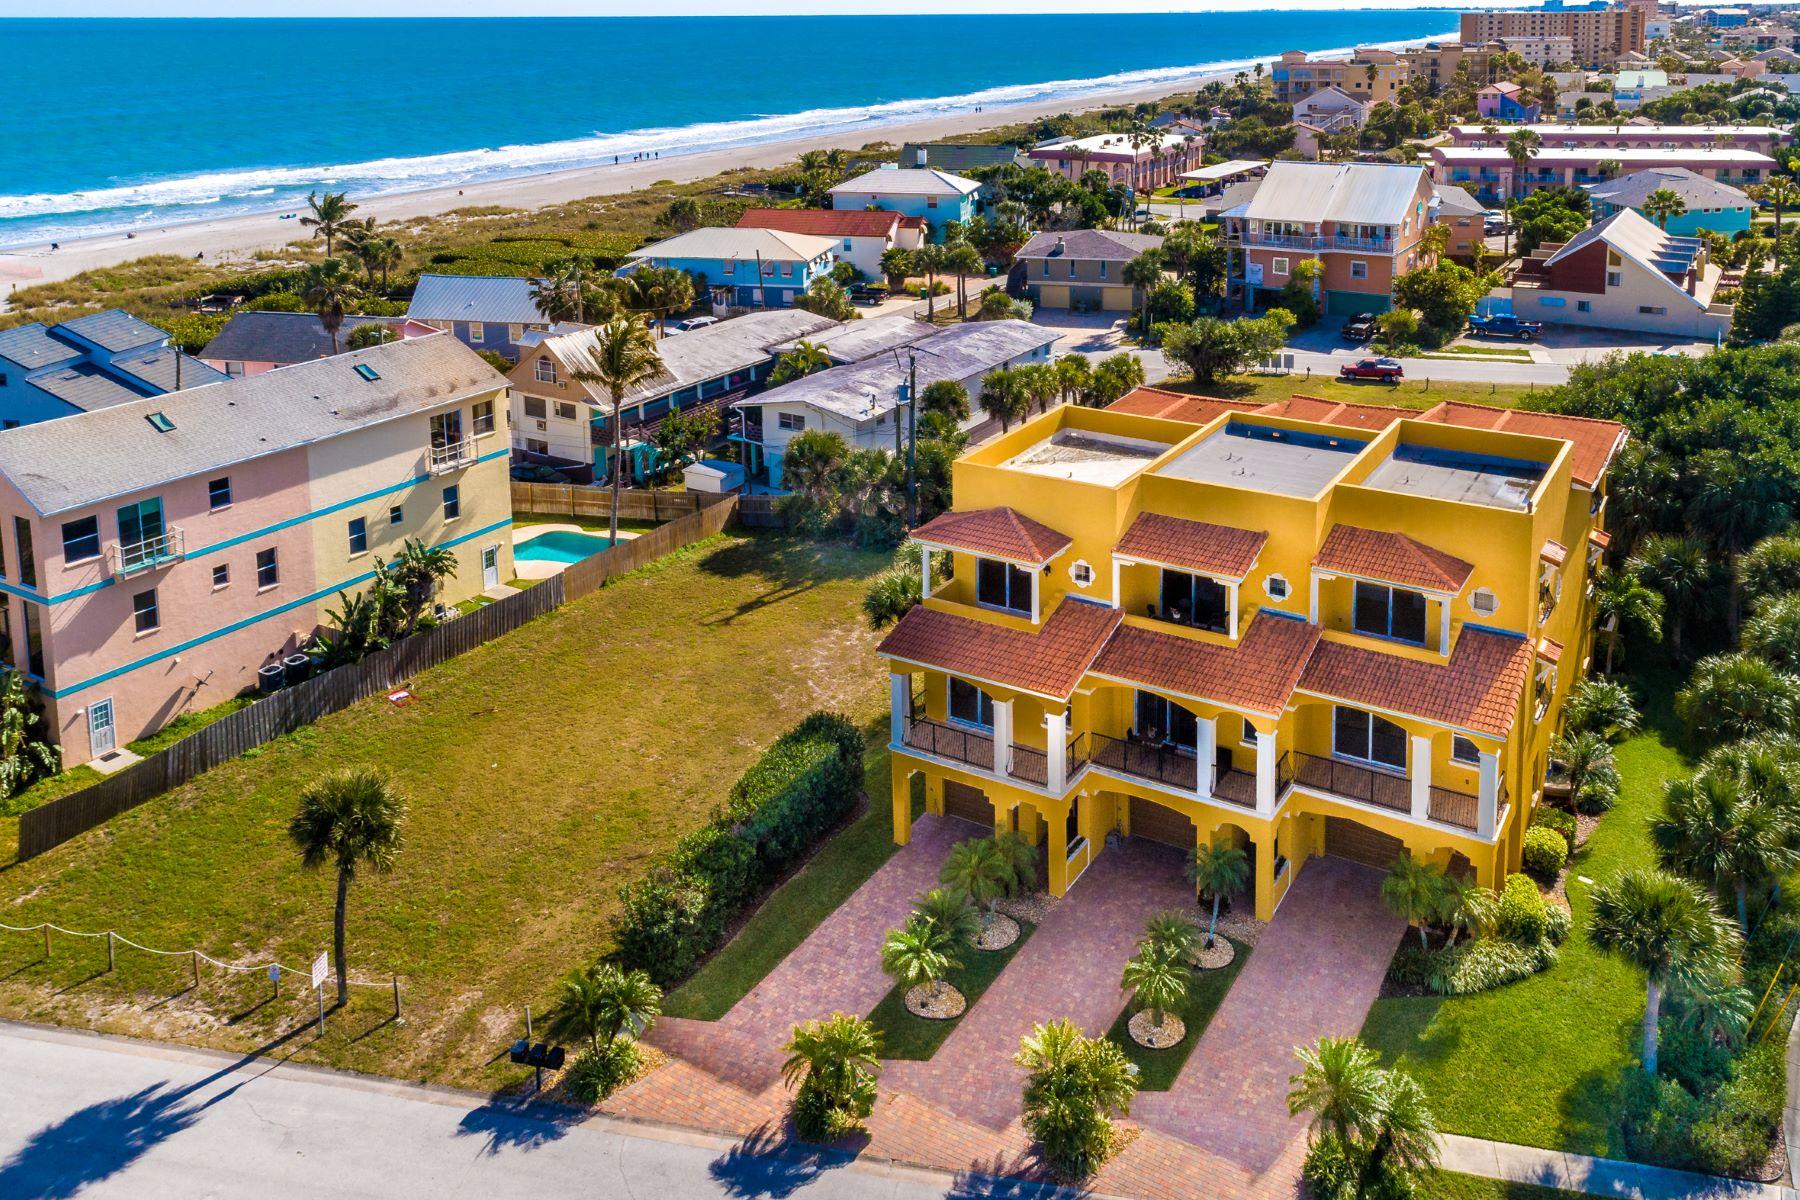 603 Washington Avenue 603 Washington Avenue 1 Cape Canaveral, Floride 32920 États-Unis